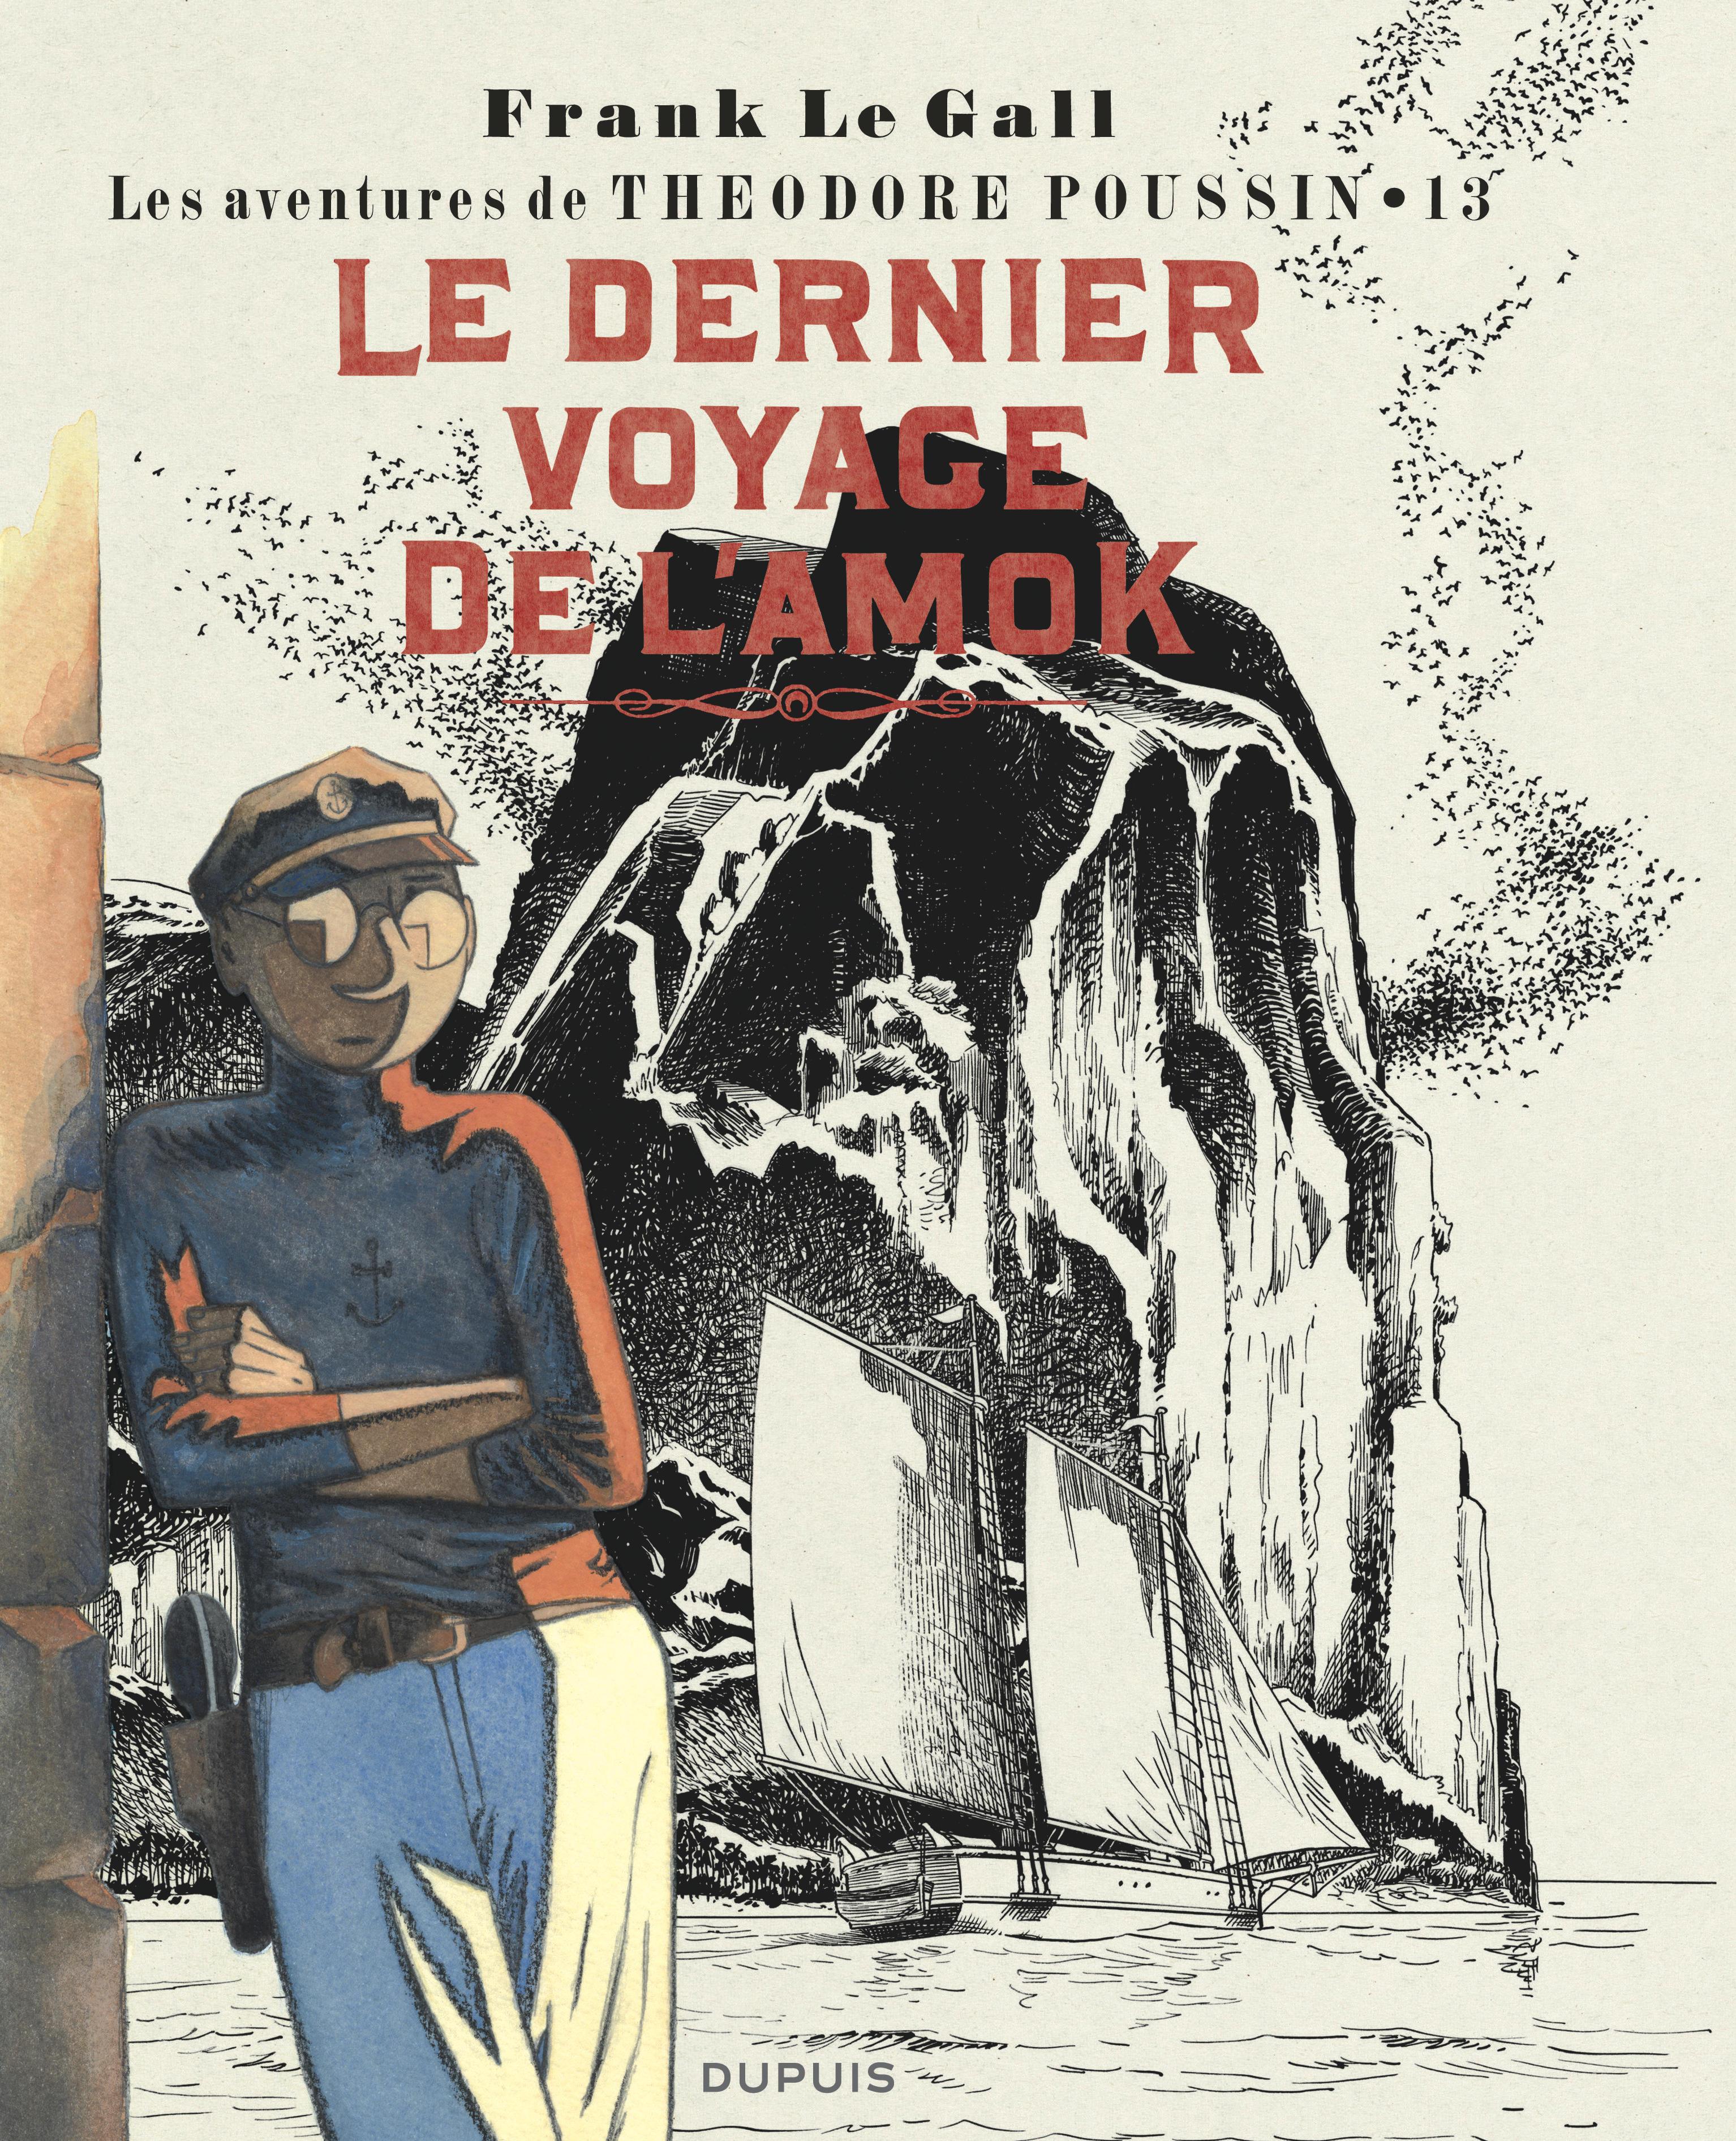 THEODORE POUSSIN T13  LE DERNIER VOYAGE DE L'AMOK